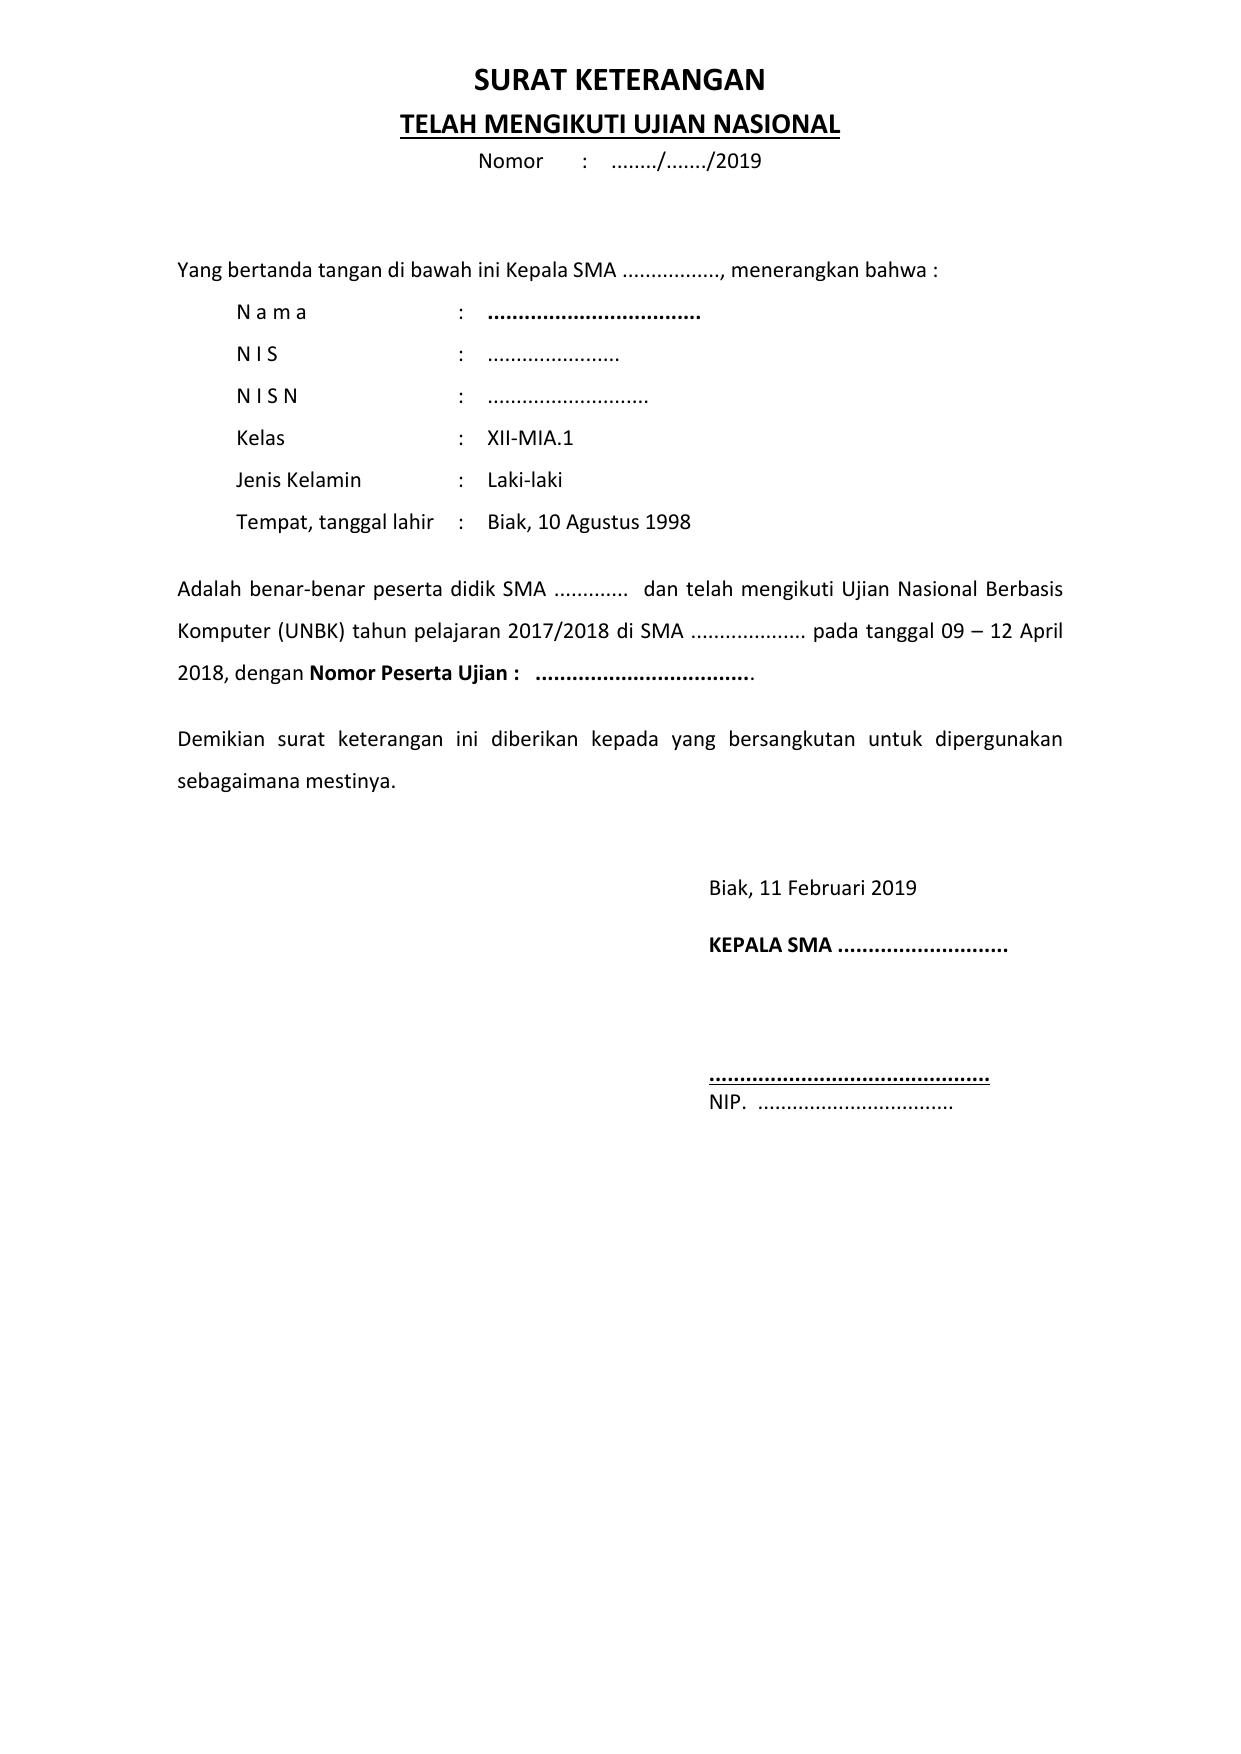 Contoh Surat Keterangan Peserta Ujian Nasional